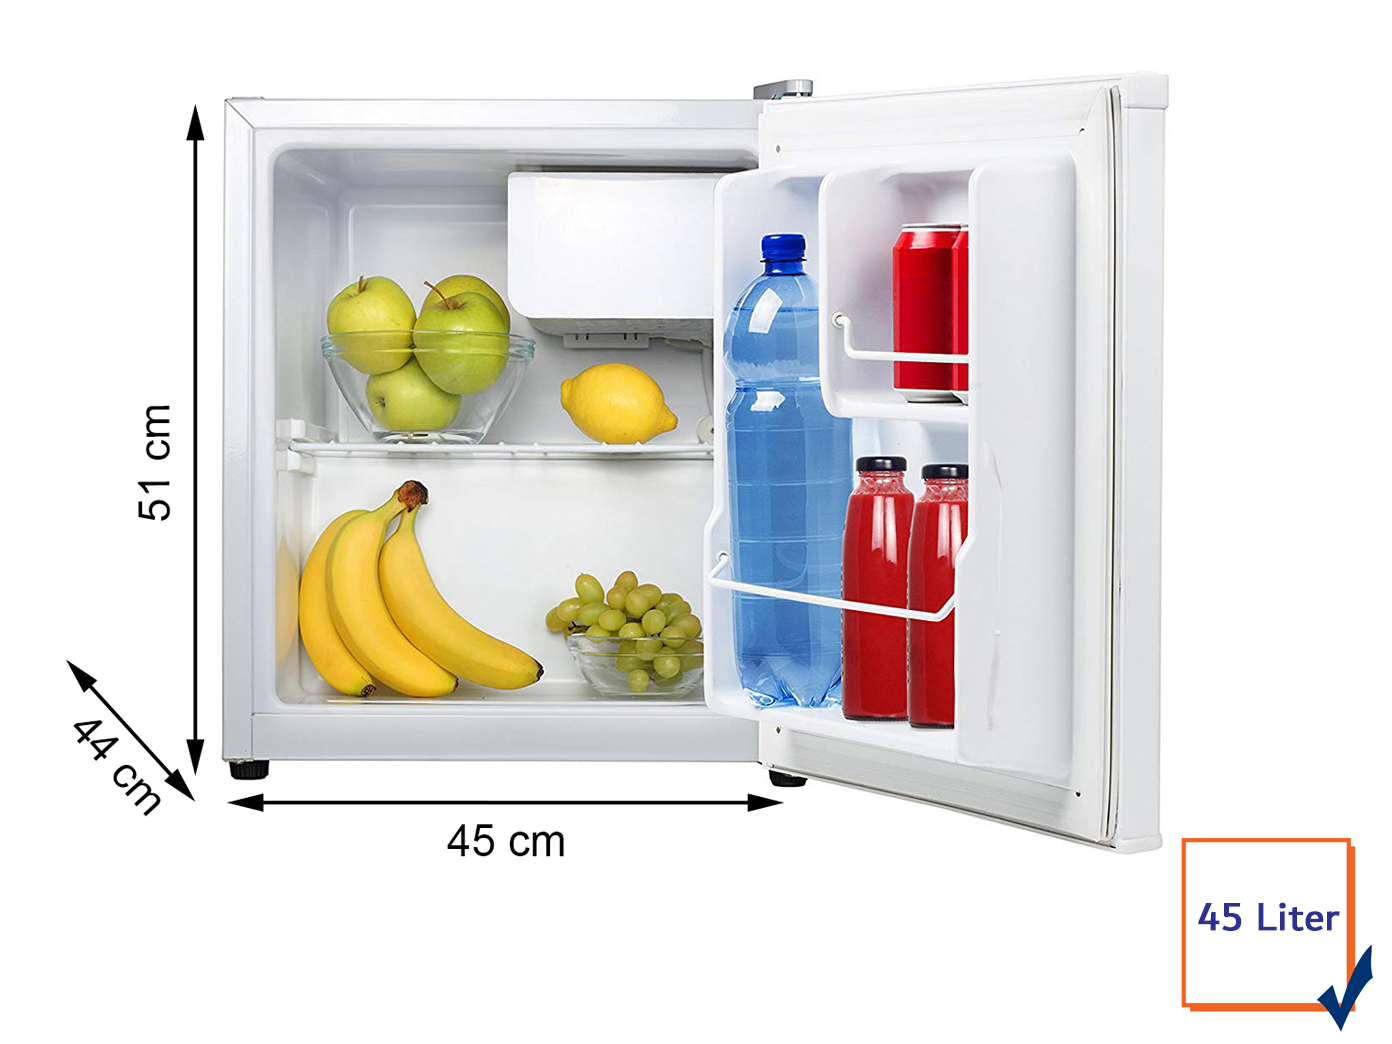 Mini Kühlschrank Energieverbrauch : Kleiner mini kühlschrank freistehend l mit l gefrierfach